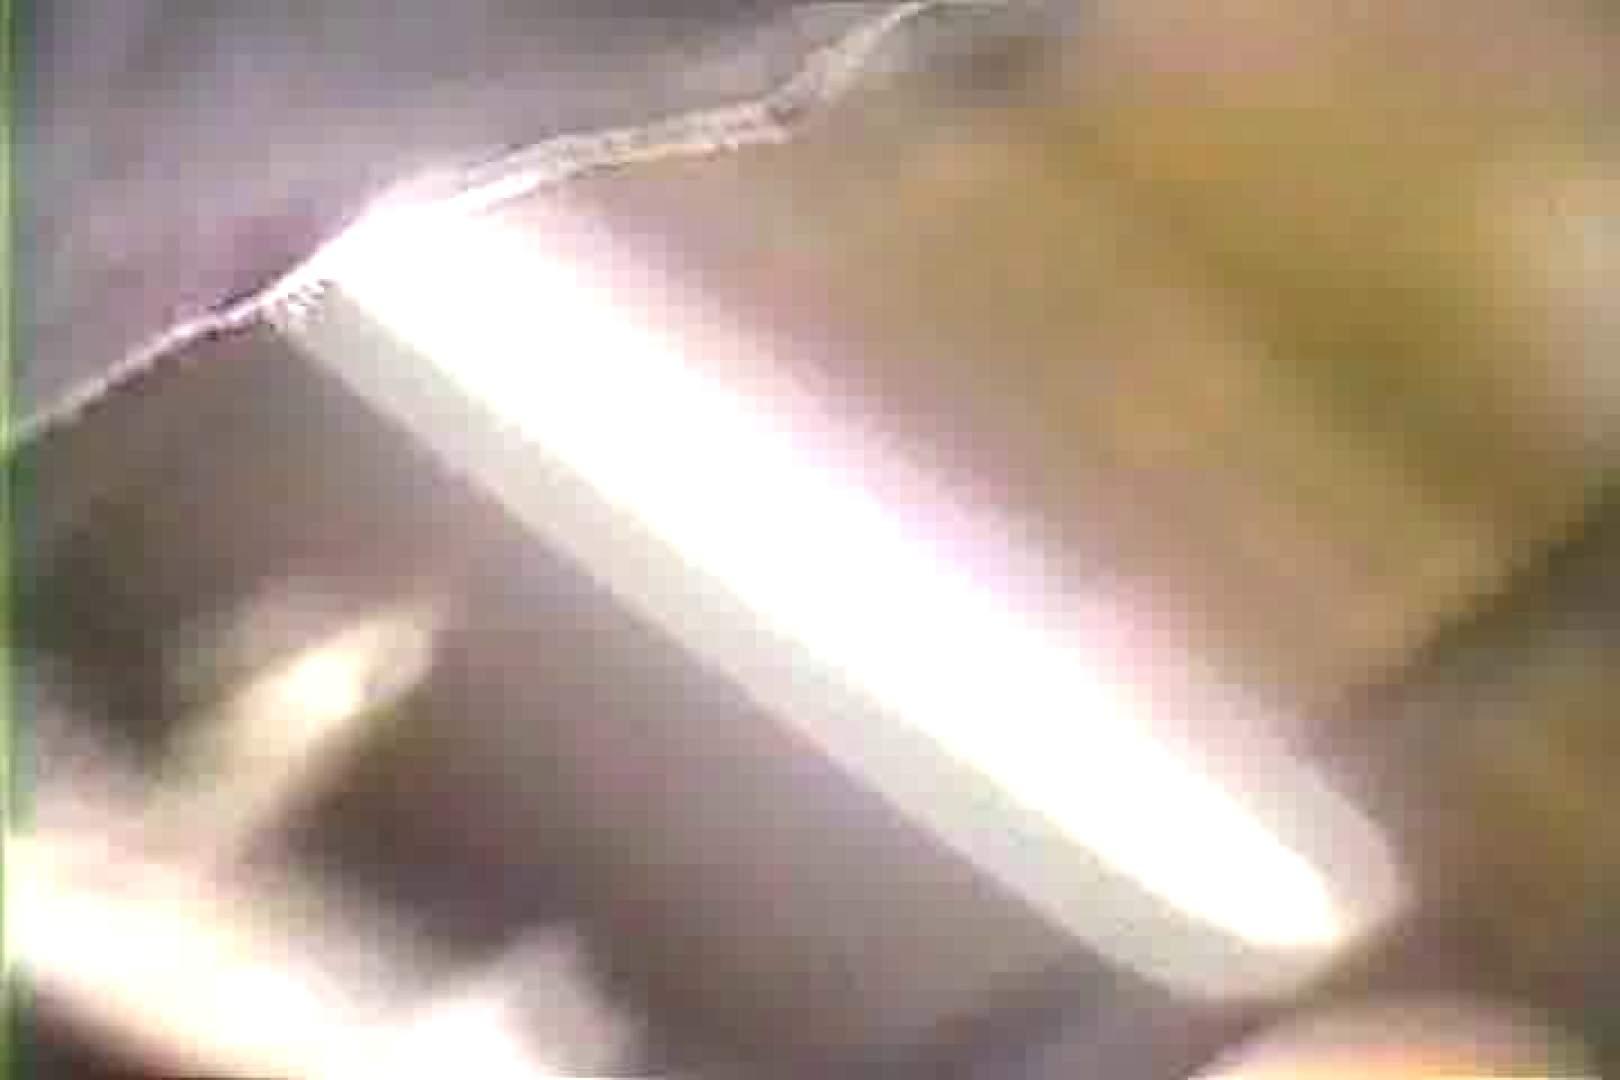 「ちくりん」さんのオリジナル未編集パンチラVol.9_02 チラ  95画像 24